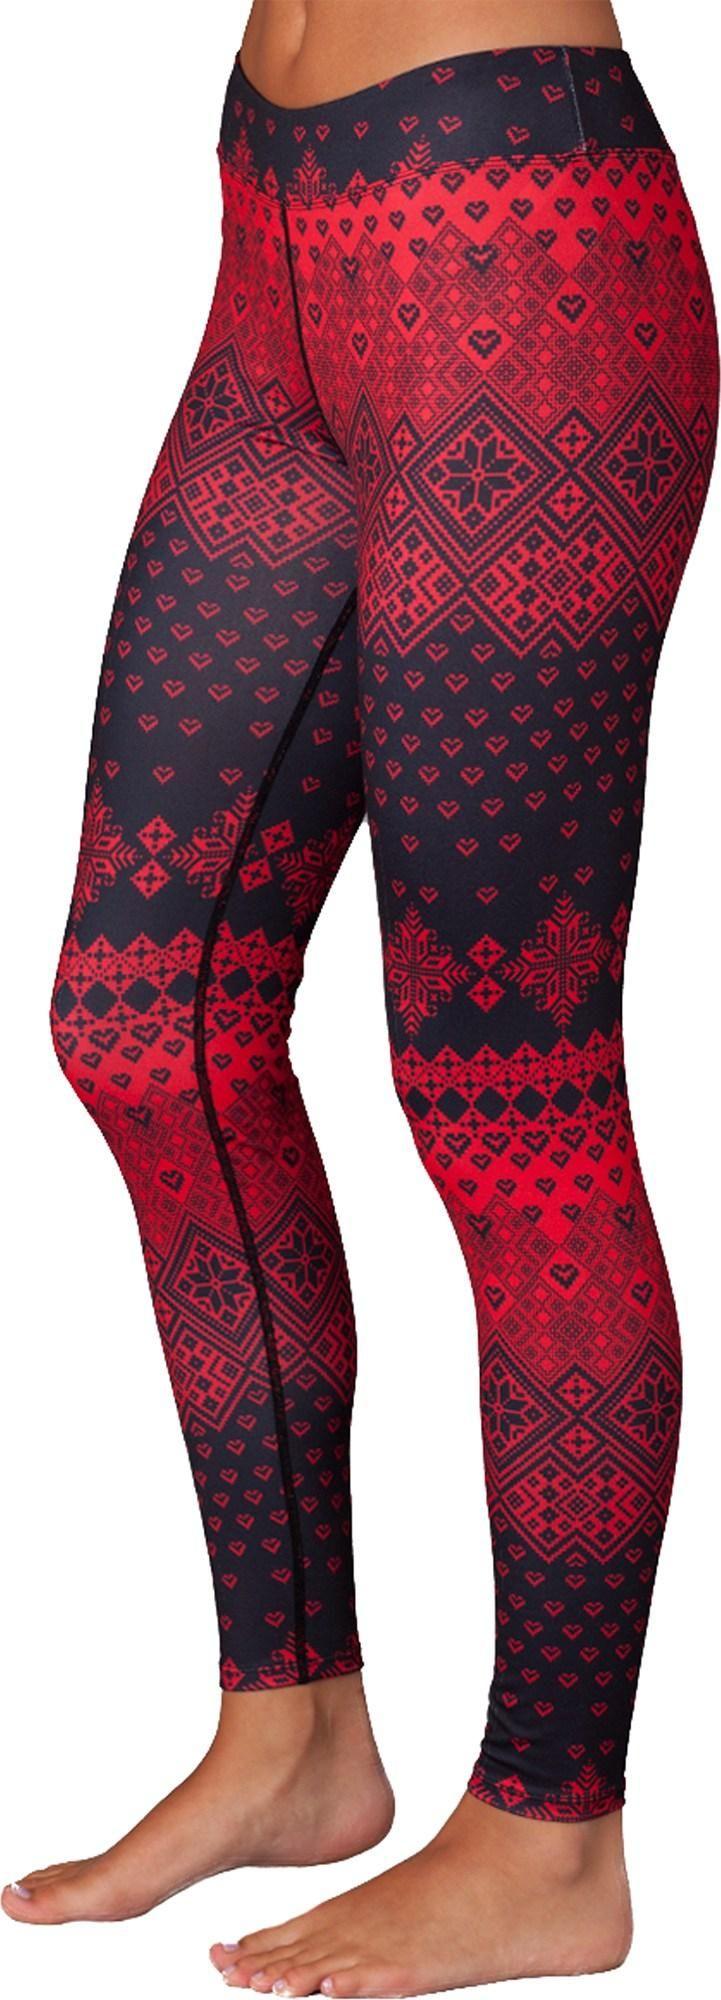 Best 25+ Snowflake leggings ideas on Pinterest | Aztec leggings ...